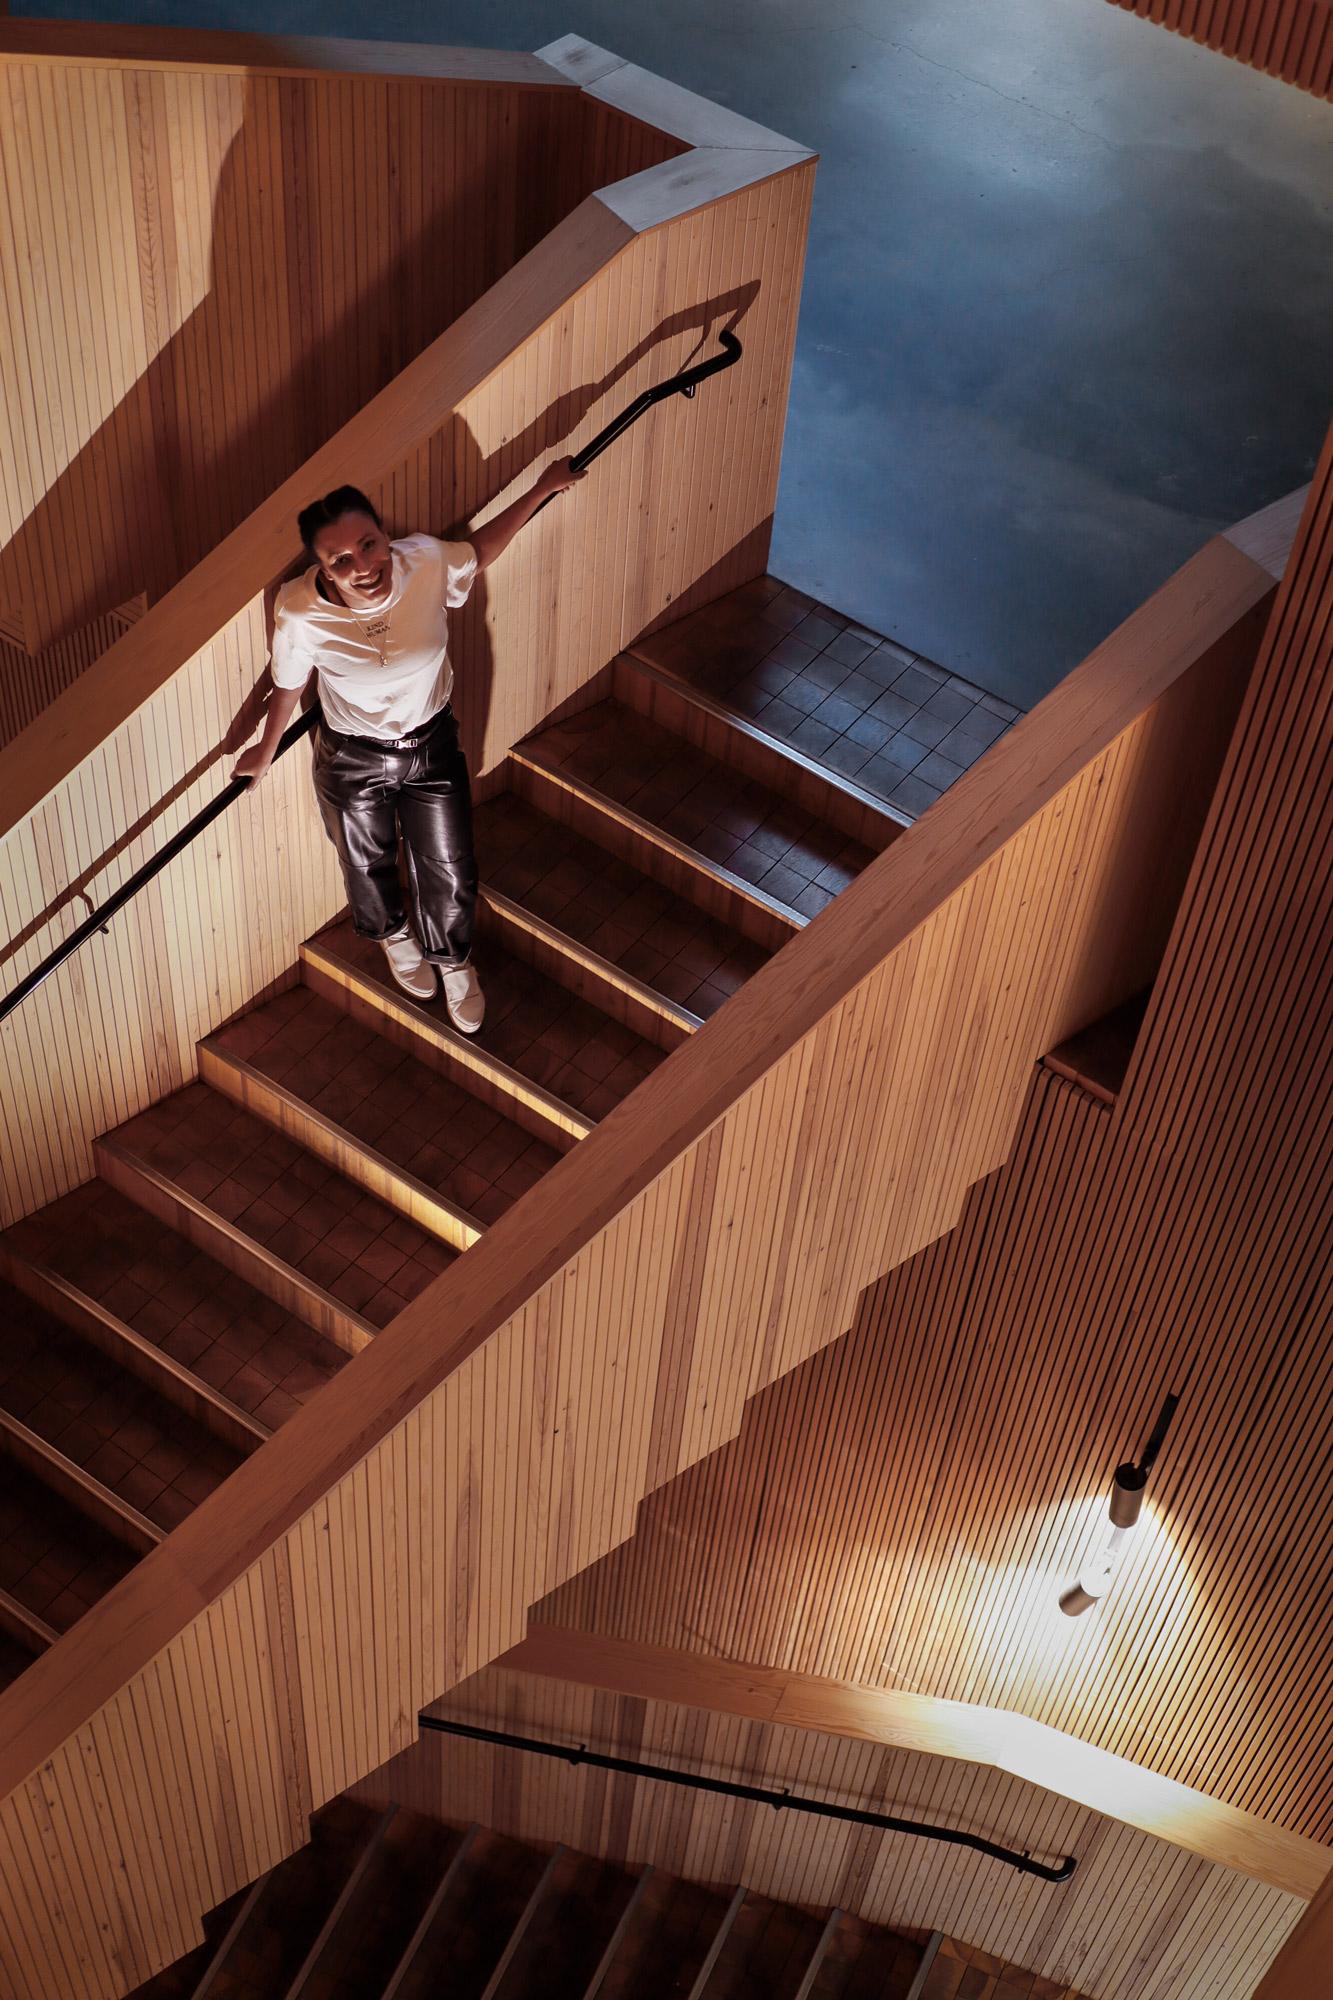 Henkilö seisoo sisätiloissa portaikossa ja nojaa kaiteeseen, yleiskuva